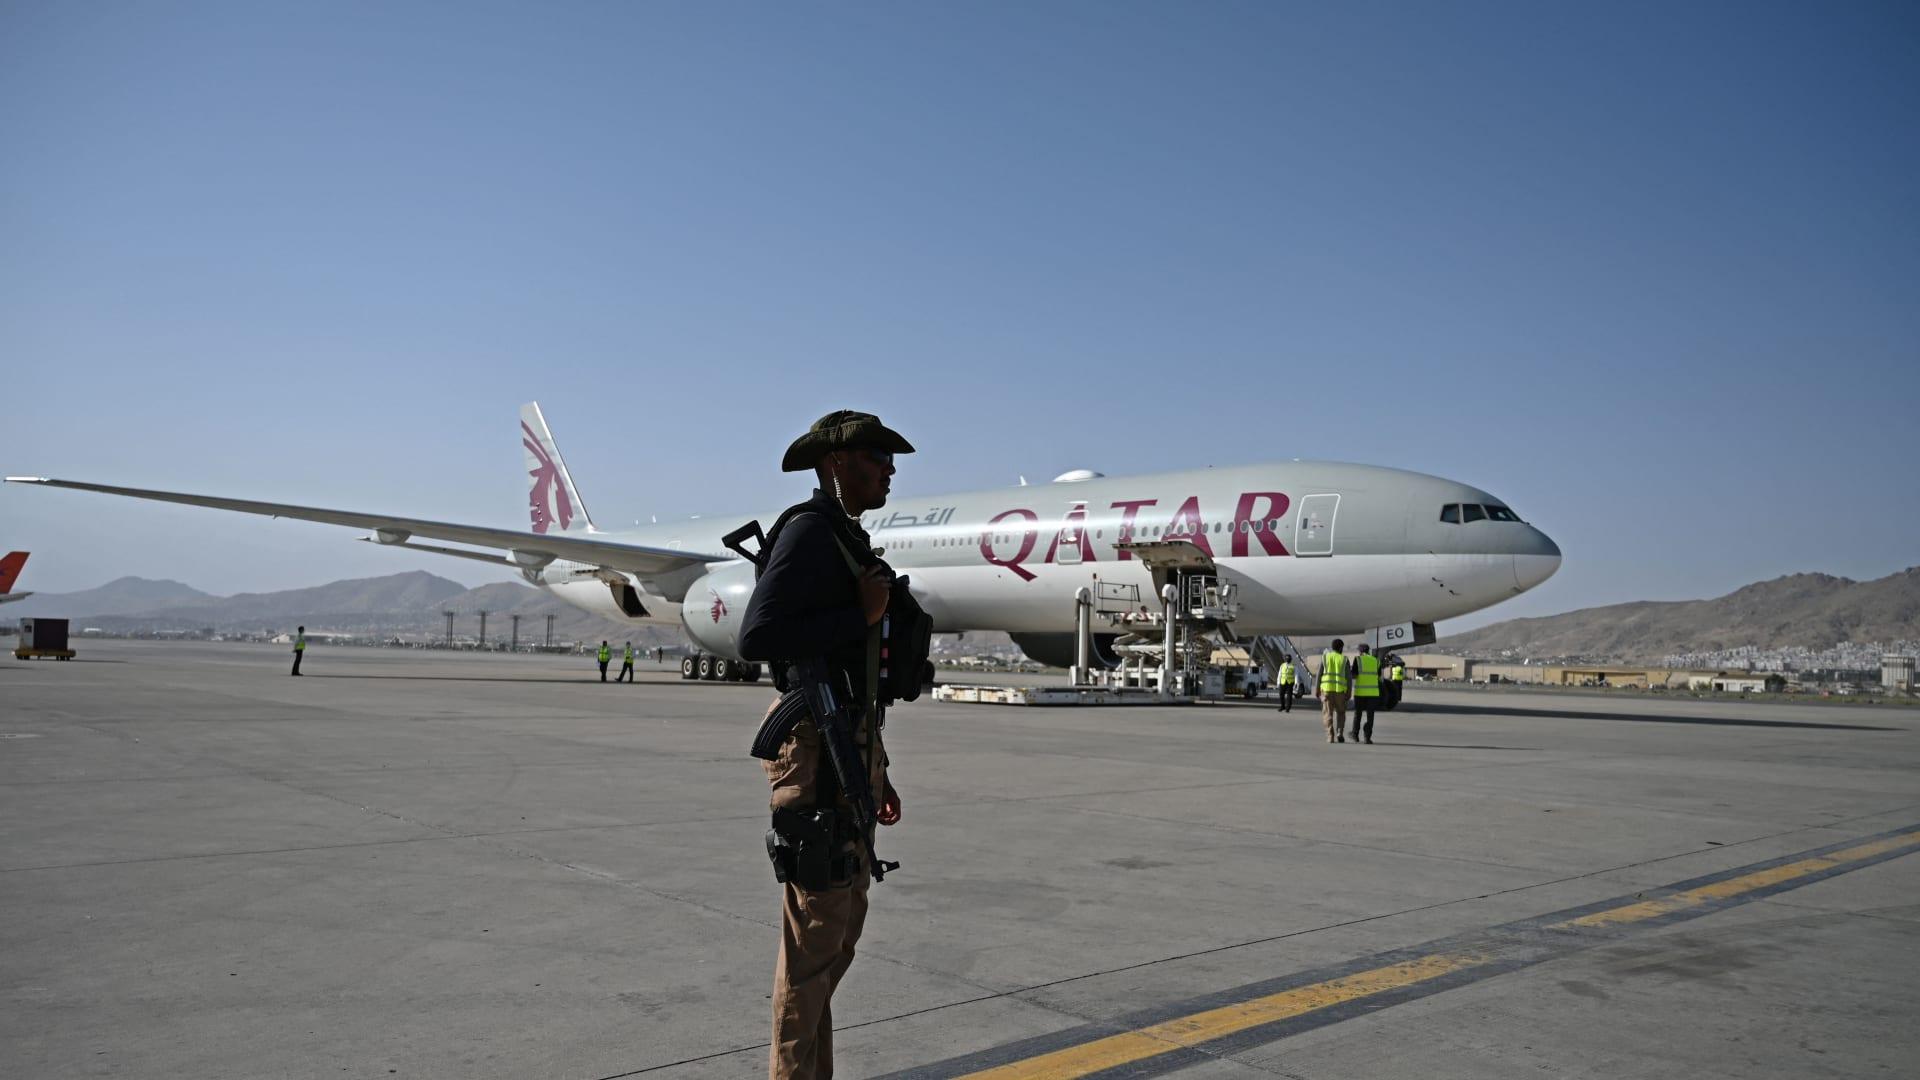 أحد أفراد الأمن القطري يقف قرب طائرة الخطوط الجوية القطرية في مطار كابول - 9 سبتمبر 2021.